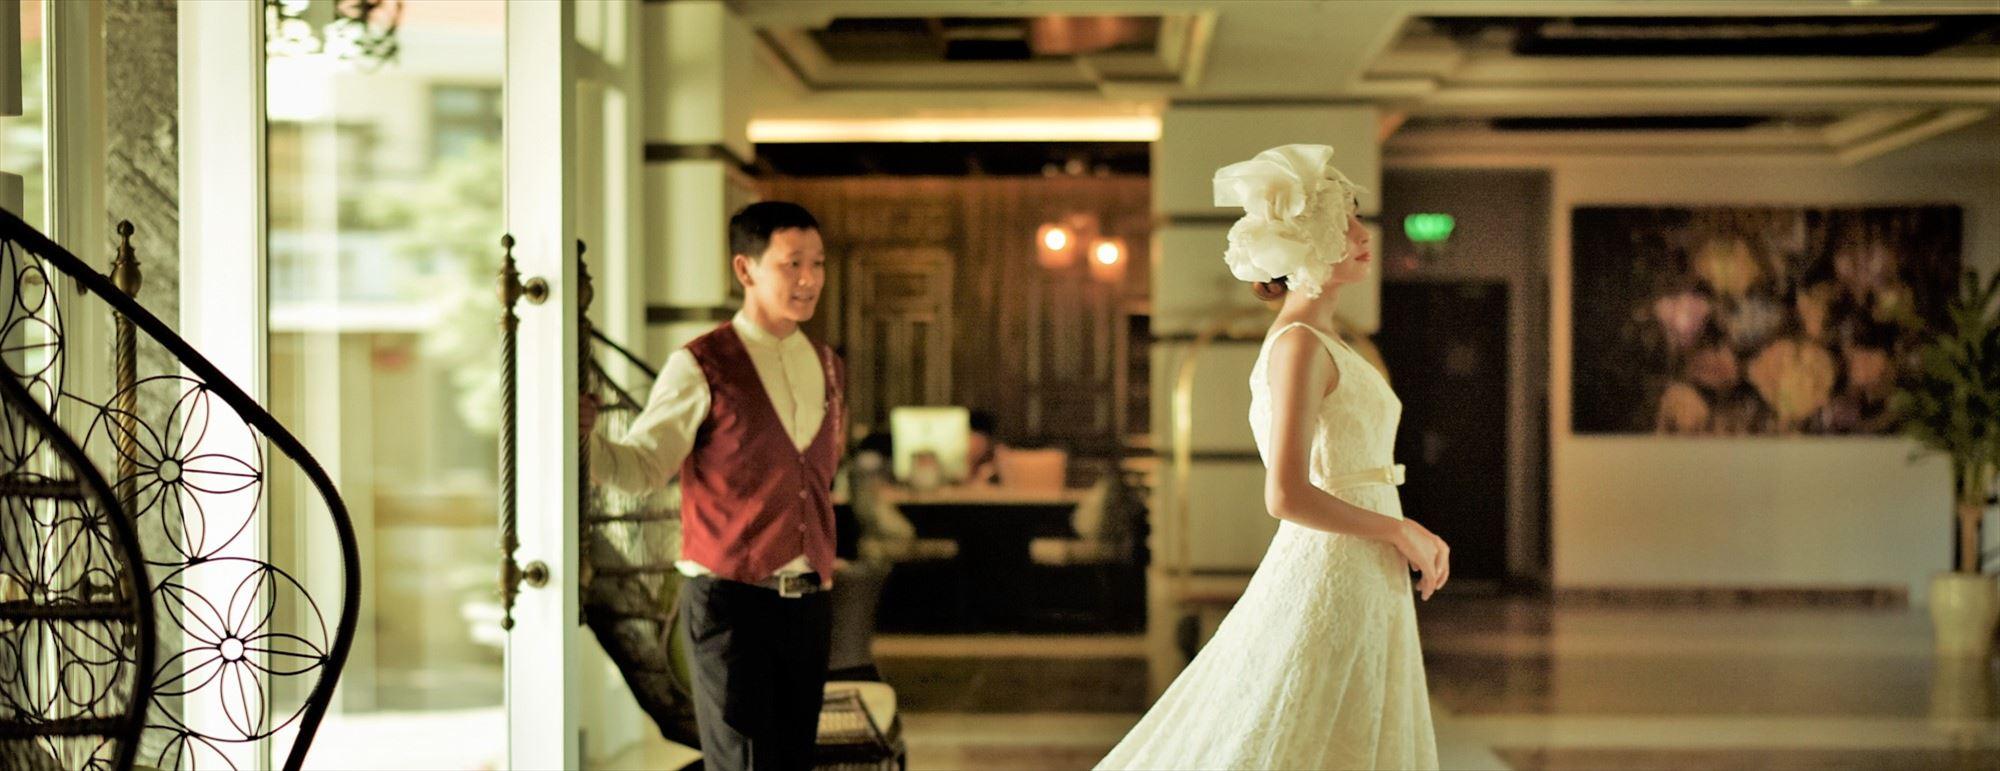 ベトナム・ホイアン・ホテル・ウェディング<br /> Hotel Royal Hoi An M Gallery by Sofitel Wedding<br /> ホテル・ロイヤル・ホイアン・Mギャラリー挙式